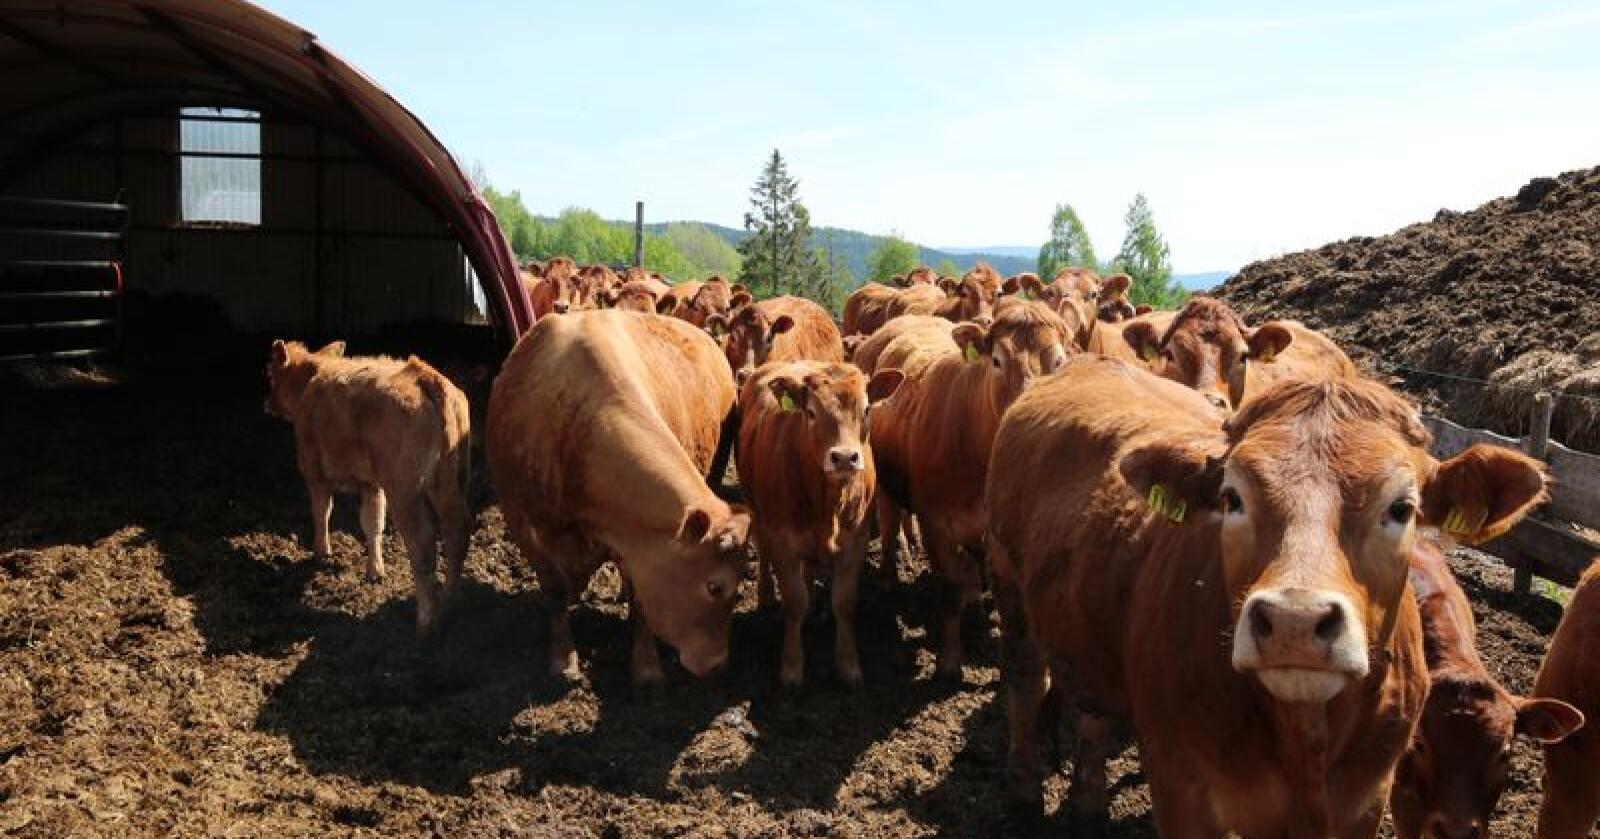 Striden har dreid seg om hvor mye det koster for Geno å produsere kjøttfesæd på oppdrag fra Tyr, og hvor stor andel av prisen til produsent som skal tilfalle hver organisasjon. Foto: Dag Idar Jøsang